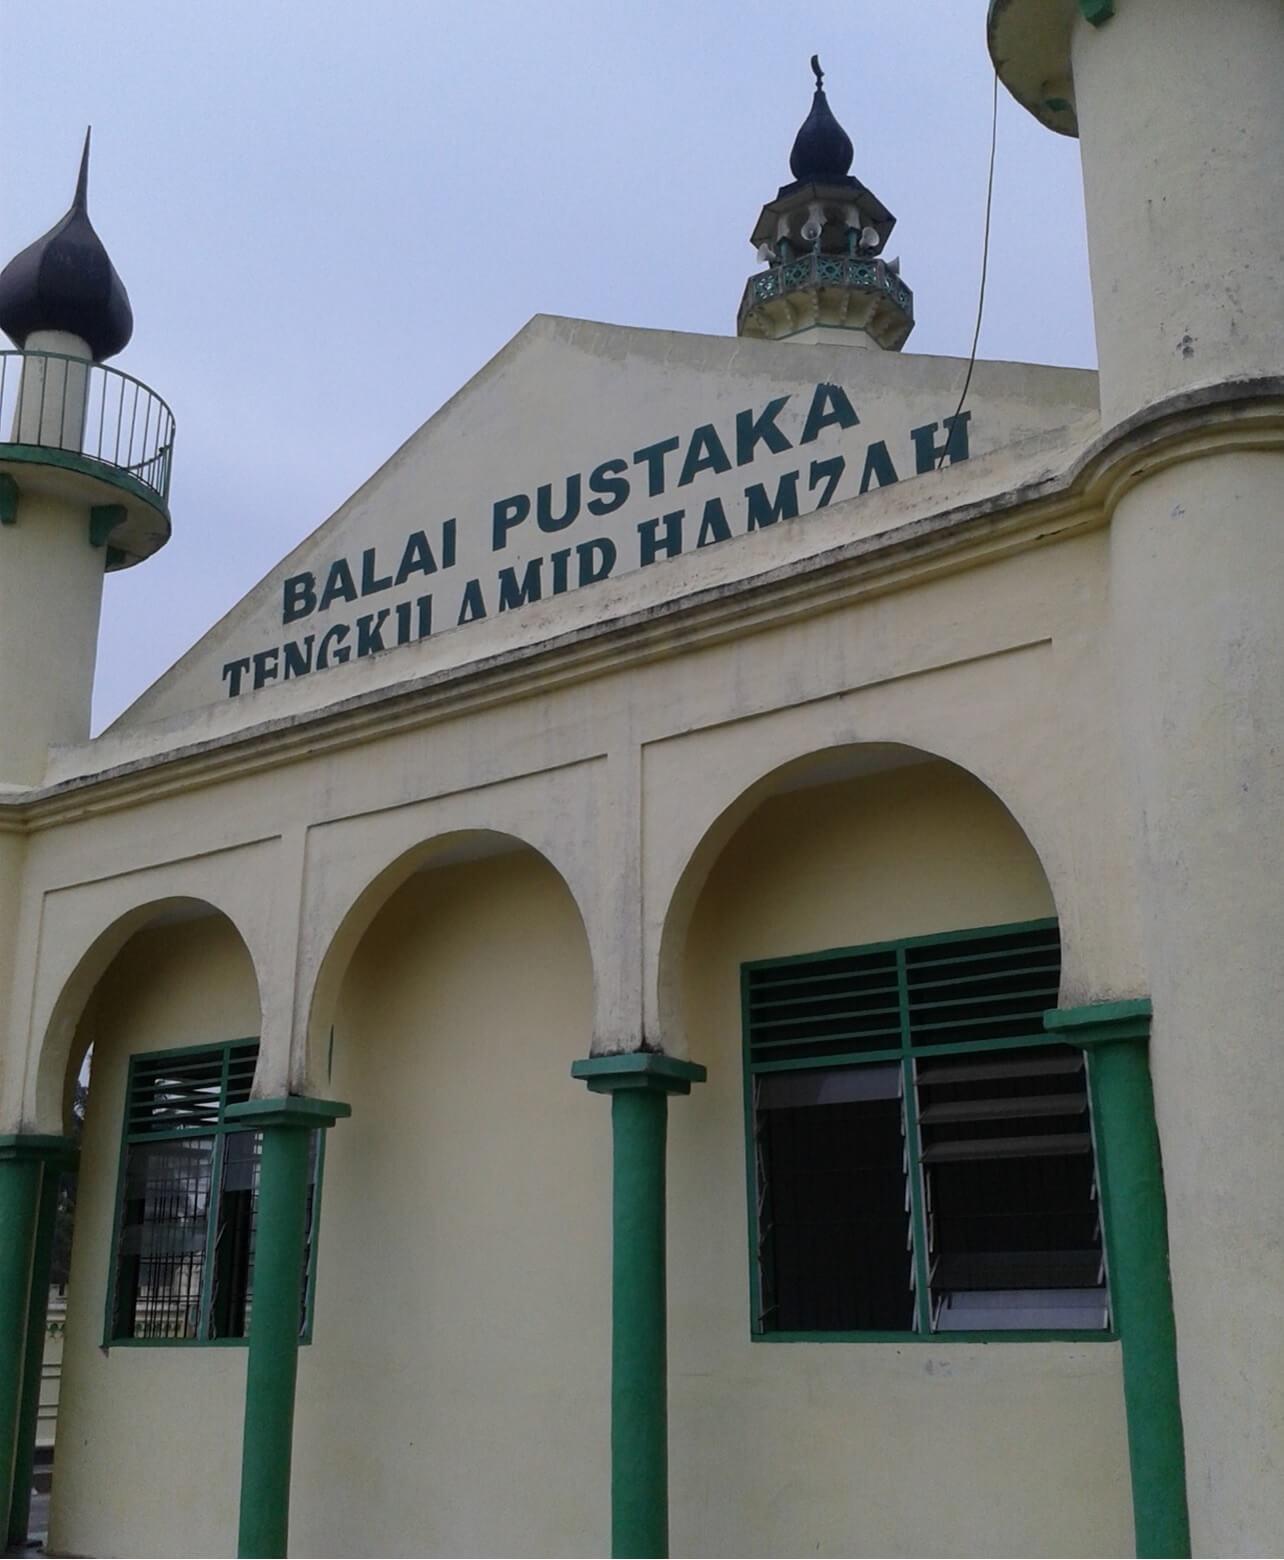 Perpustakaan Tengku Amir Hamzah